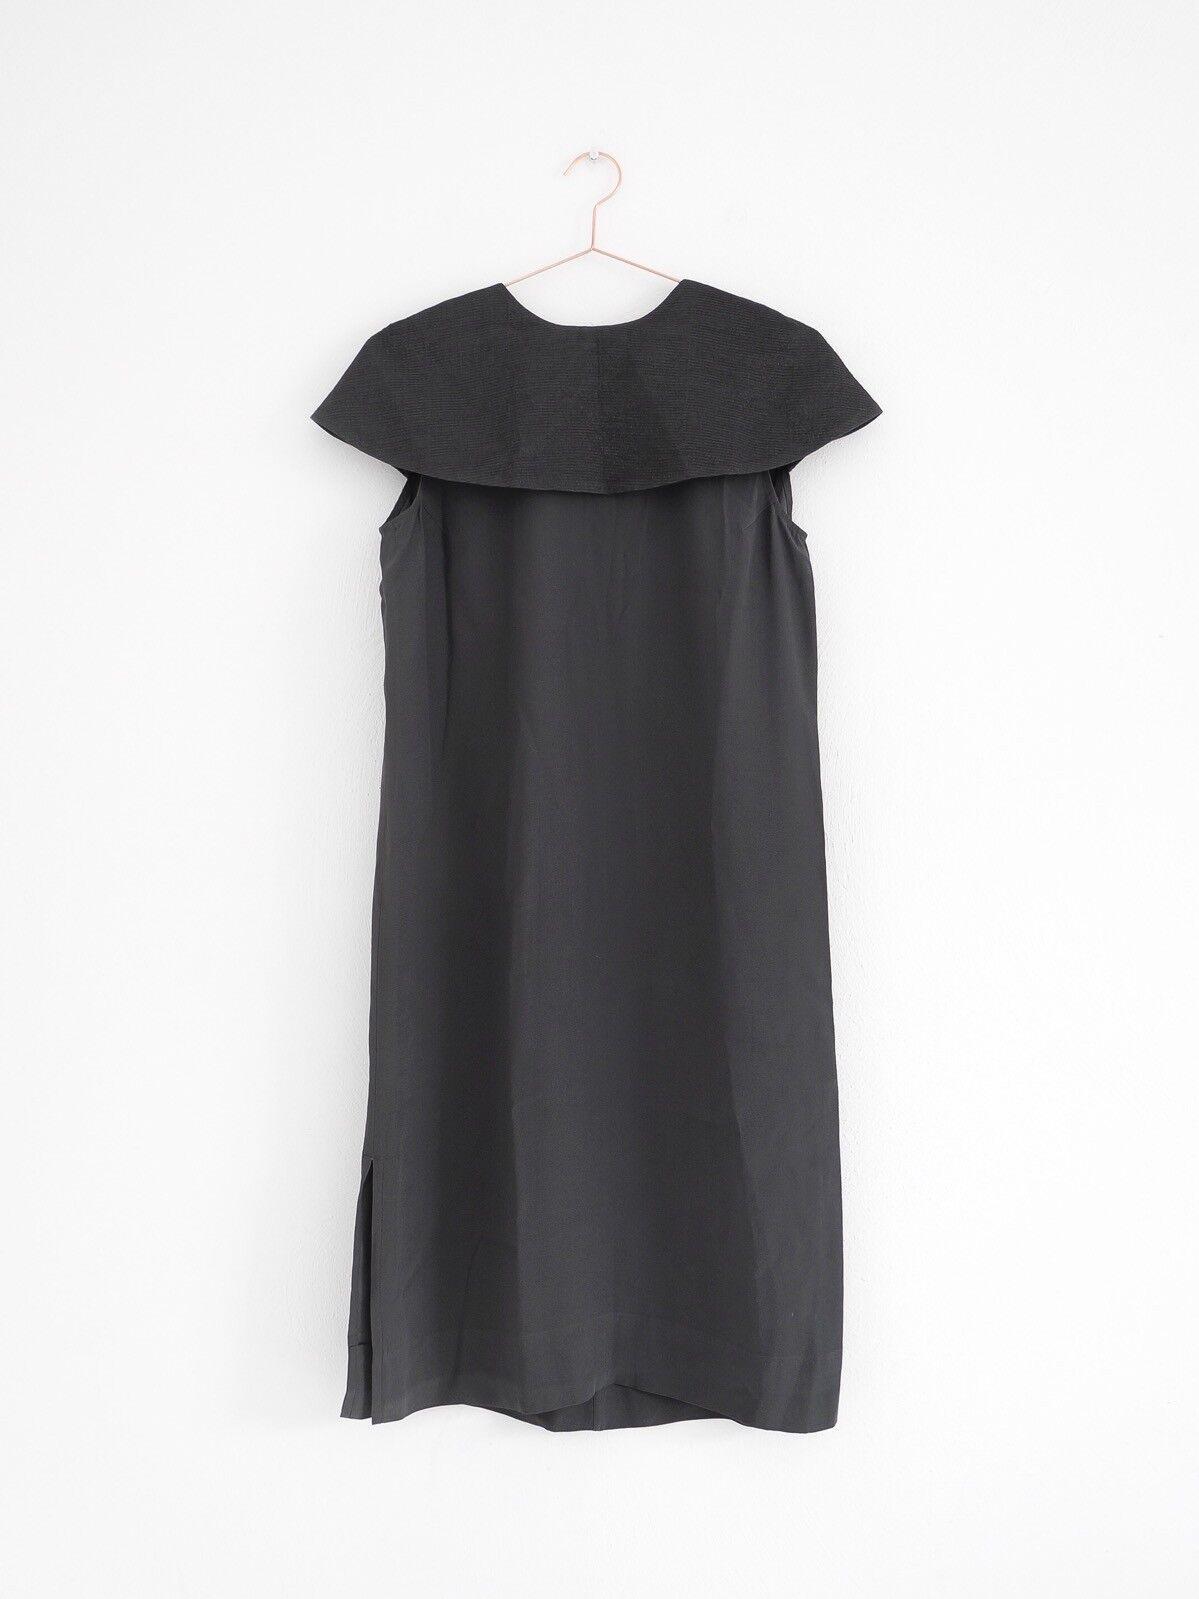 HOF115 COS Kleid crepe dunkelgrau   Crepe dress with cape dark grau 36